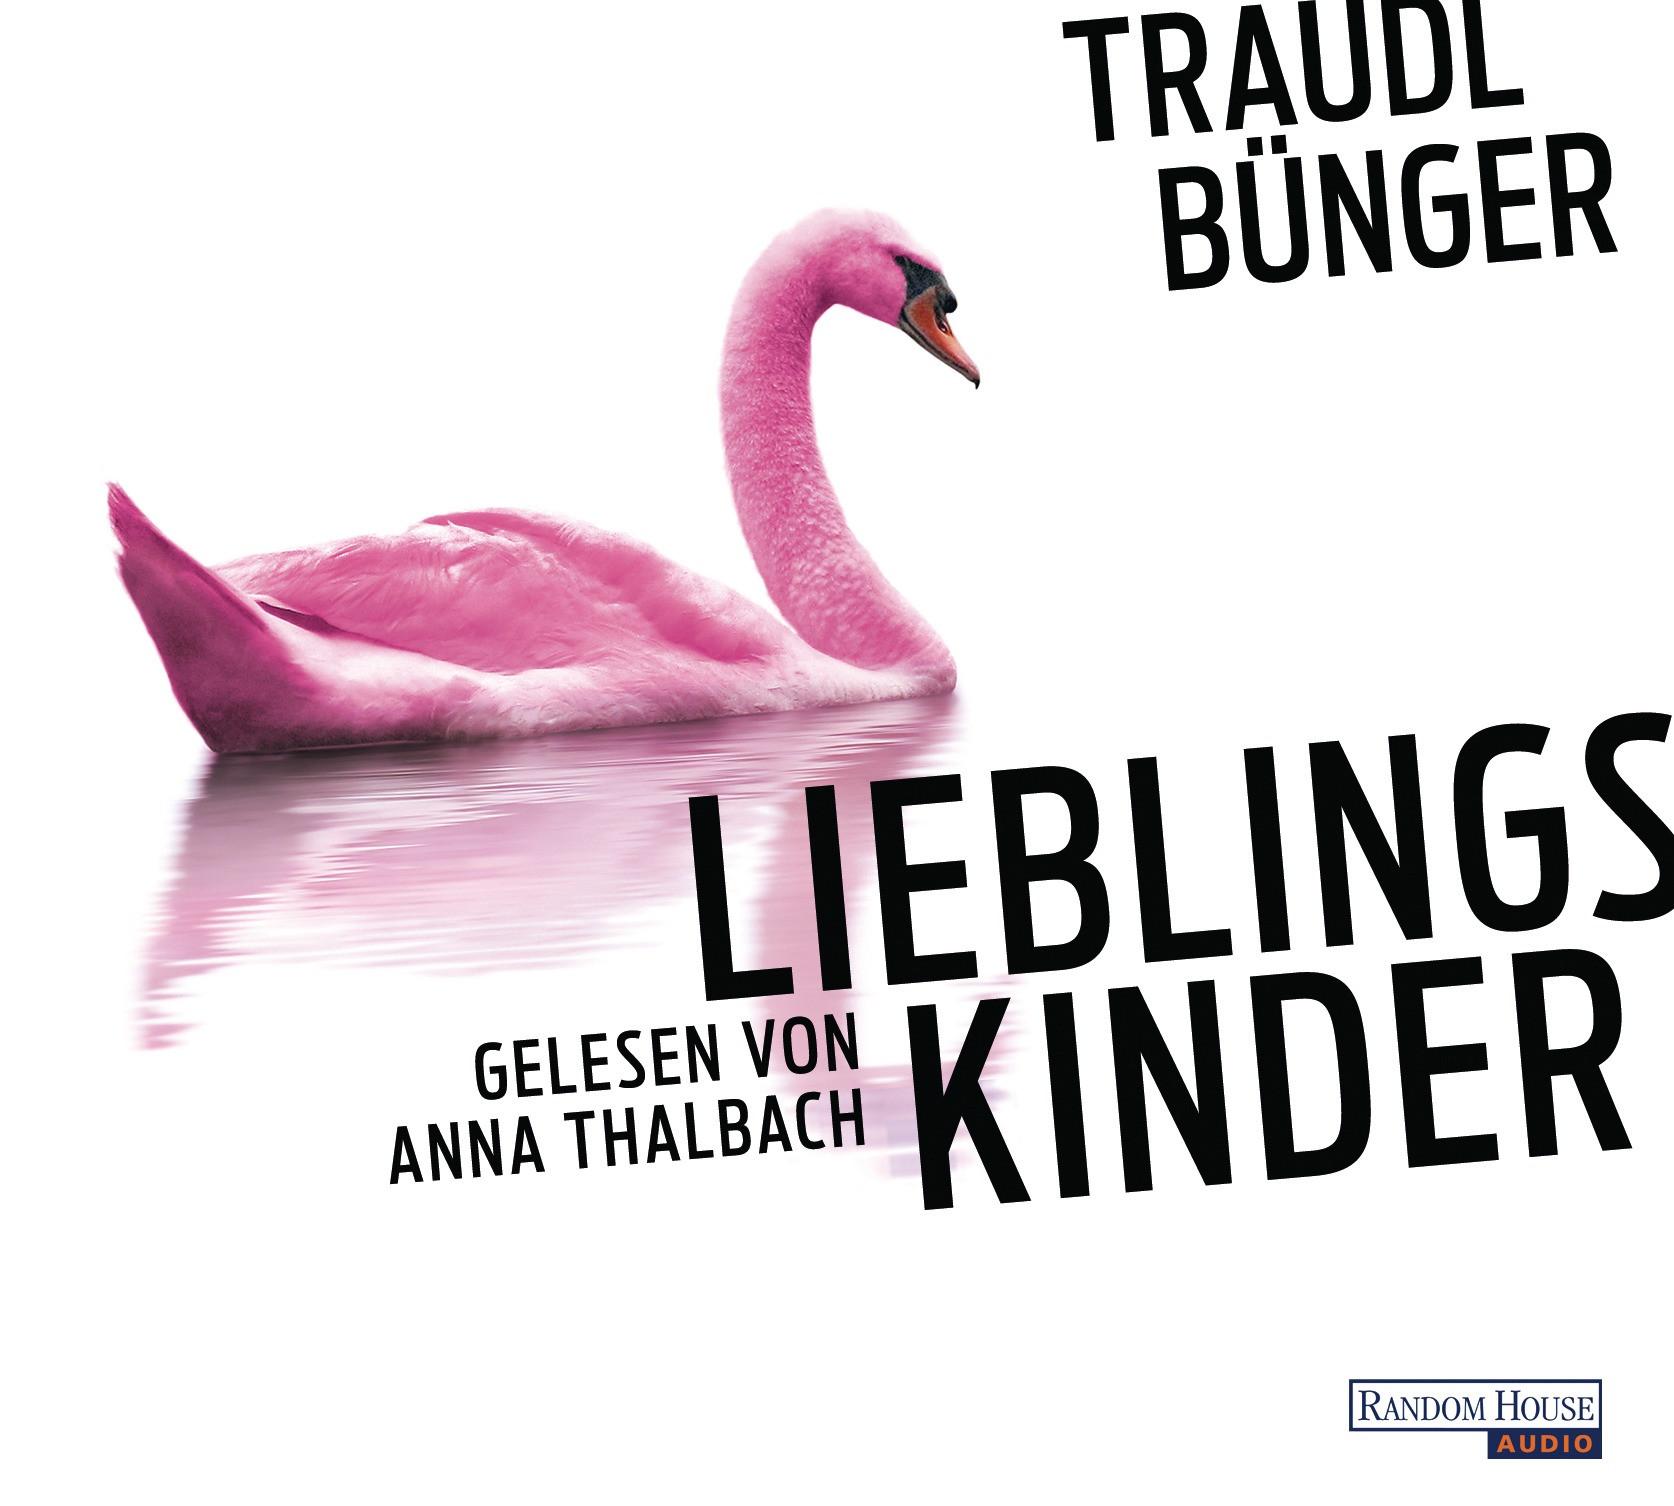 Traudl Bünger - Lieblingskinder